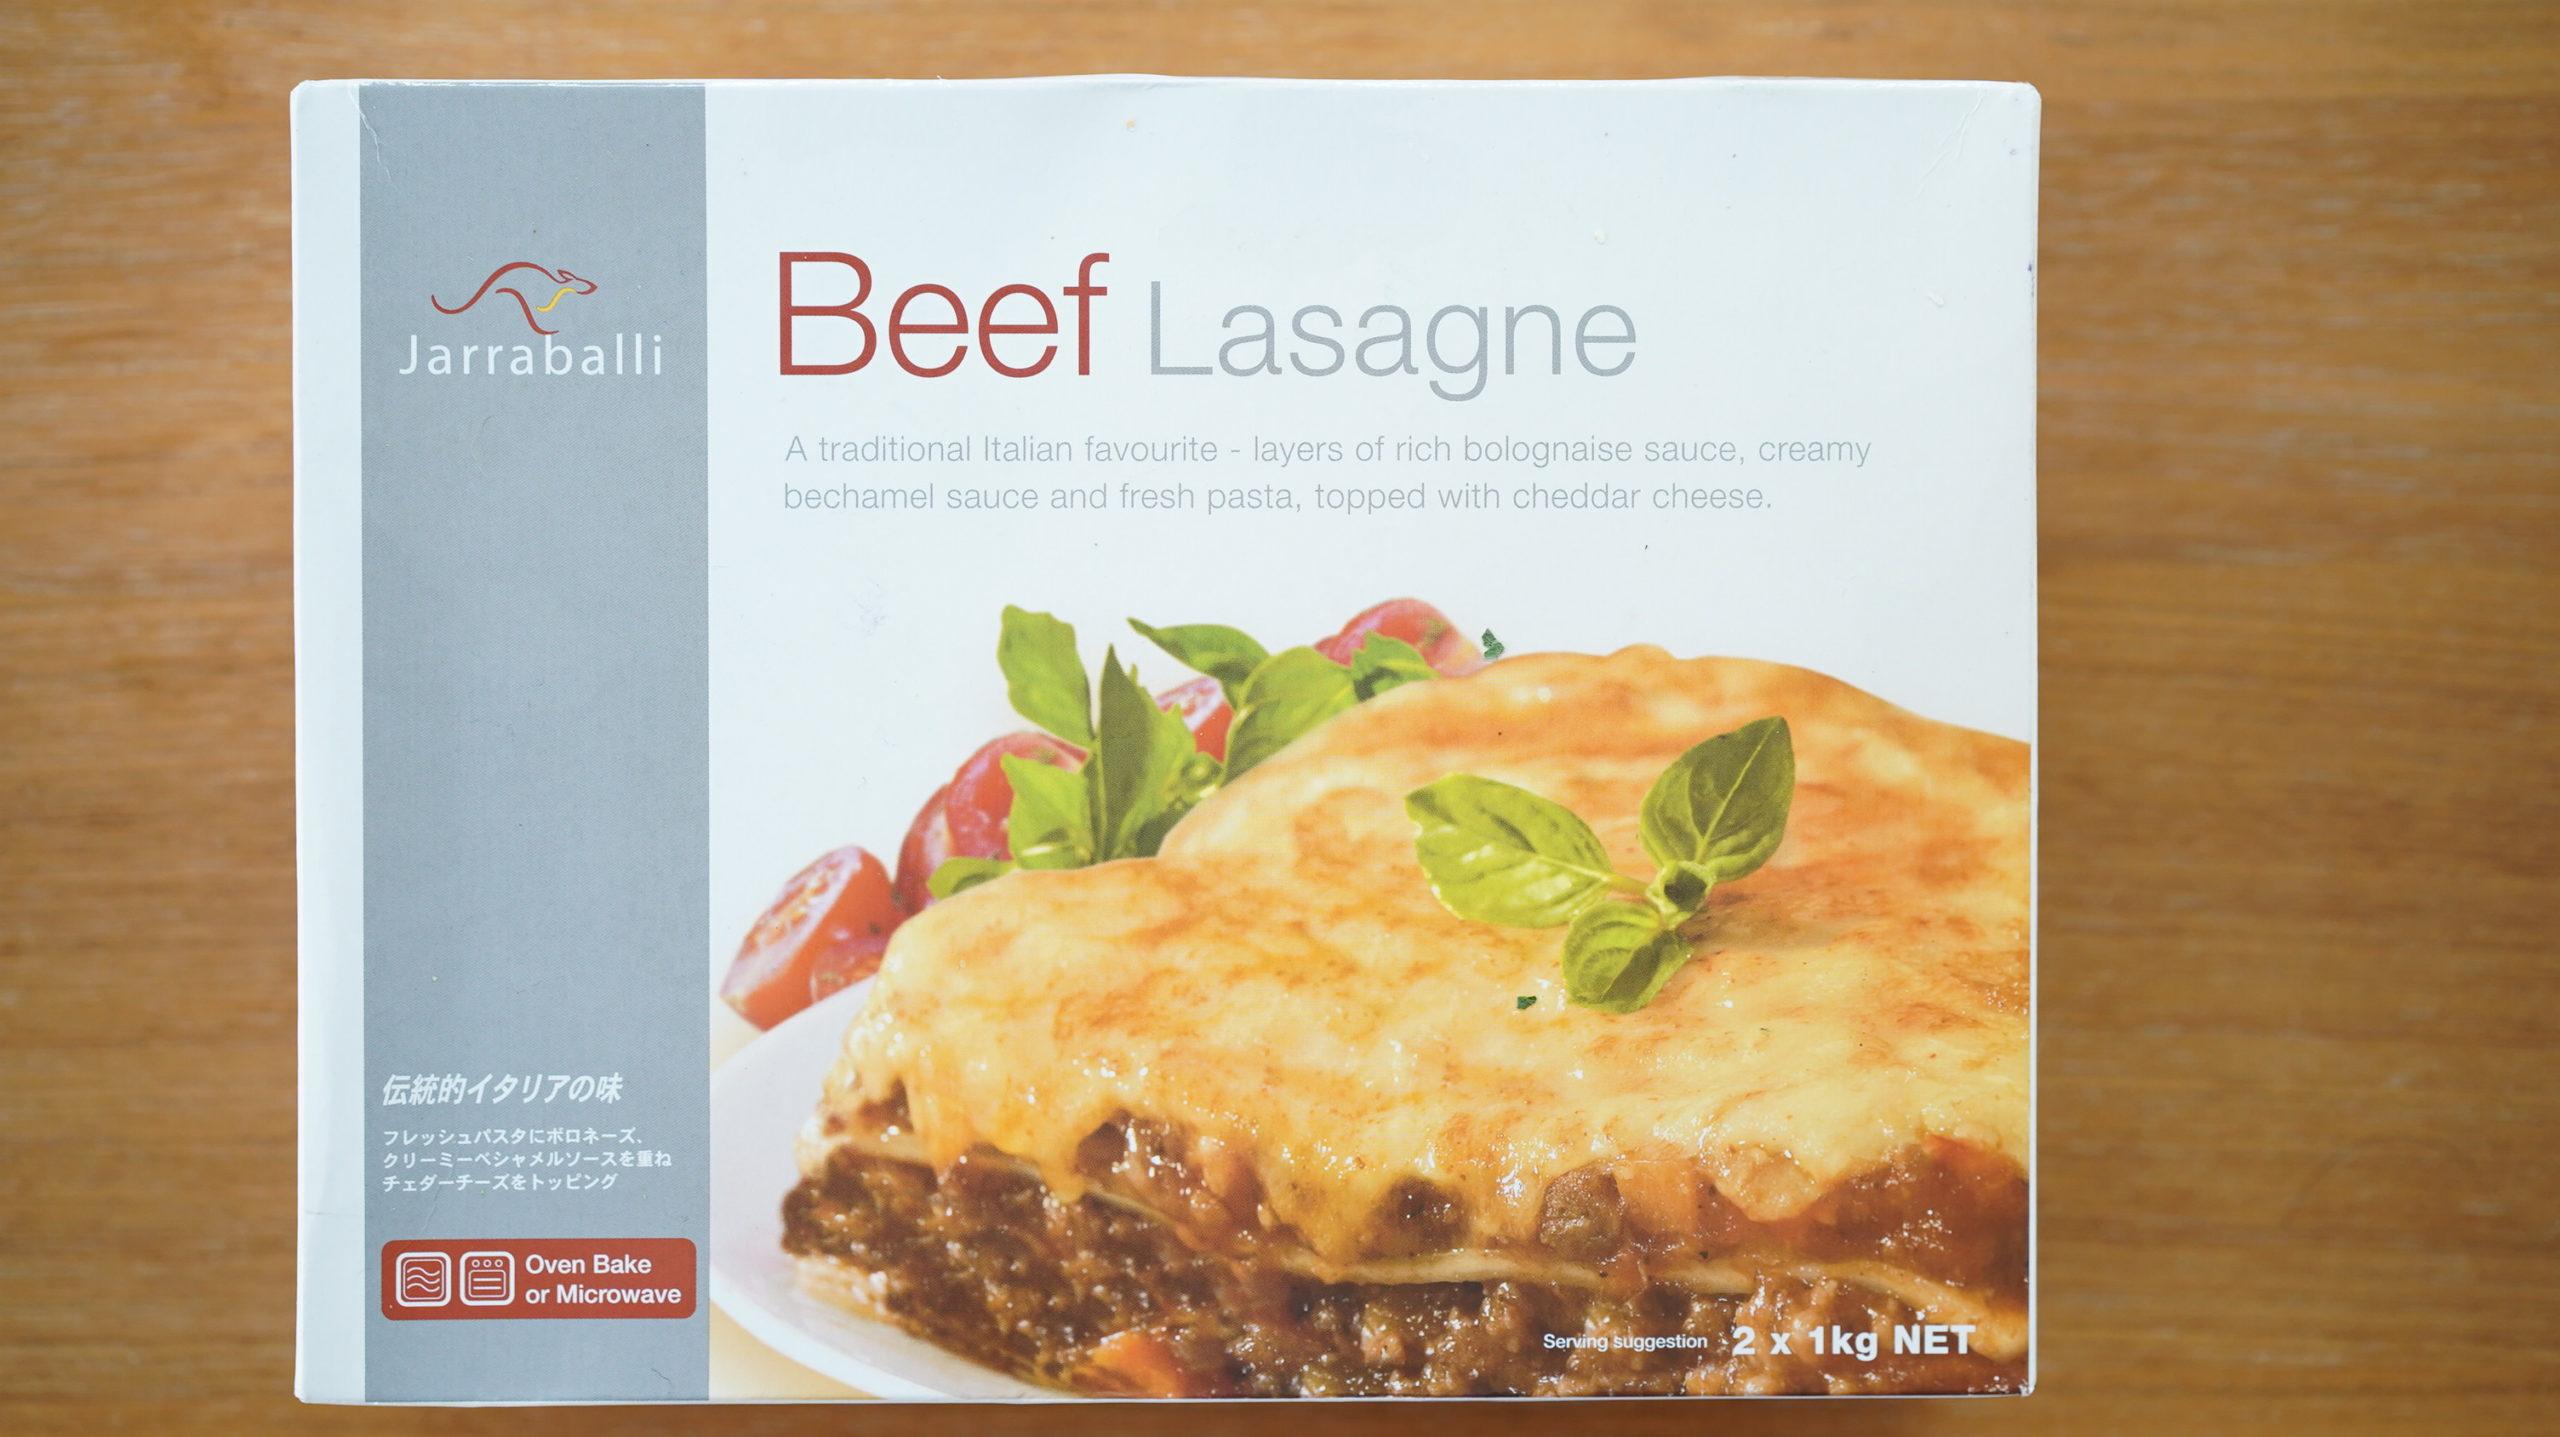 コストコのおすすめ冷凍食品「ビーフラザニア」のパッケージ写真